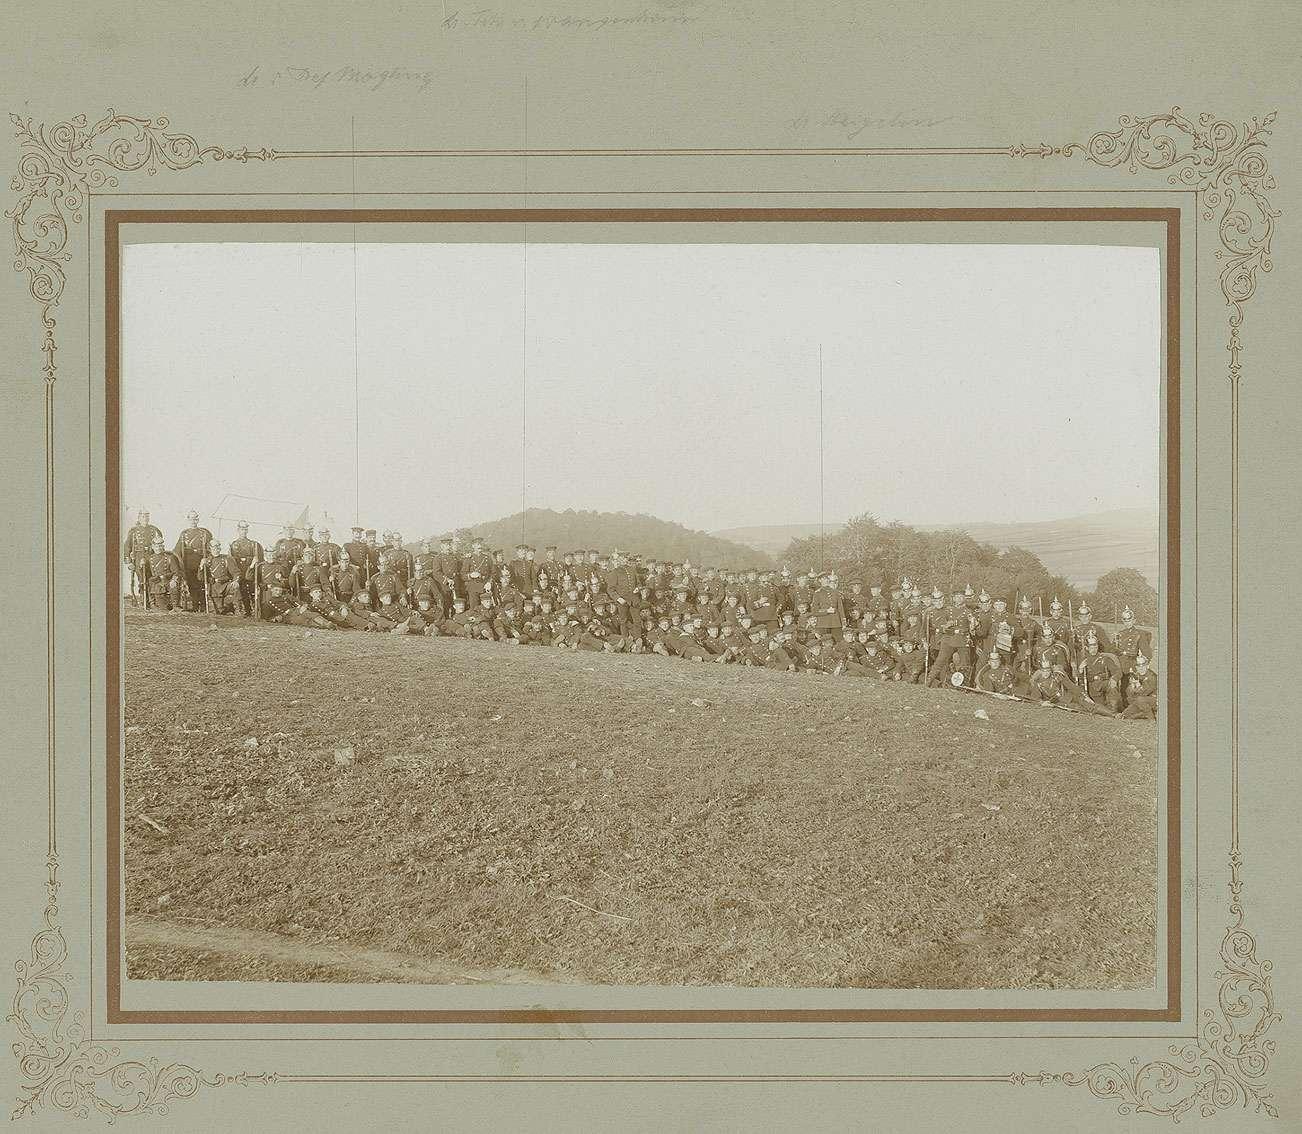 Ca. 130 Personen auf dem Truppenübungsplatz Münsingen, darunter Freiherr Erich von Wangenheim, Leutnant, späterer Oberstleutnant, Gustav Moegling, Leutnant und Theodor von Heigelin, Leutnant, Bild 1